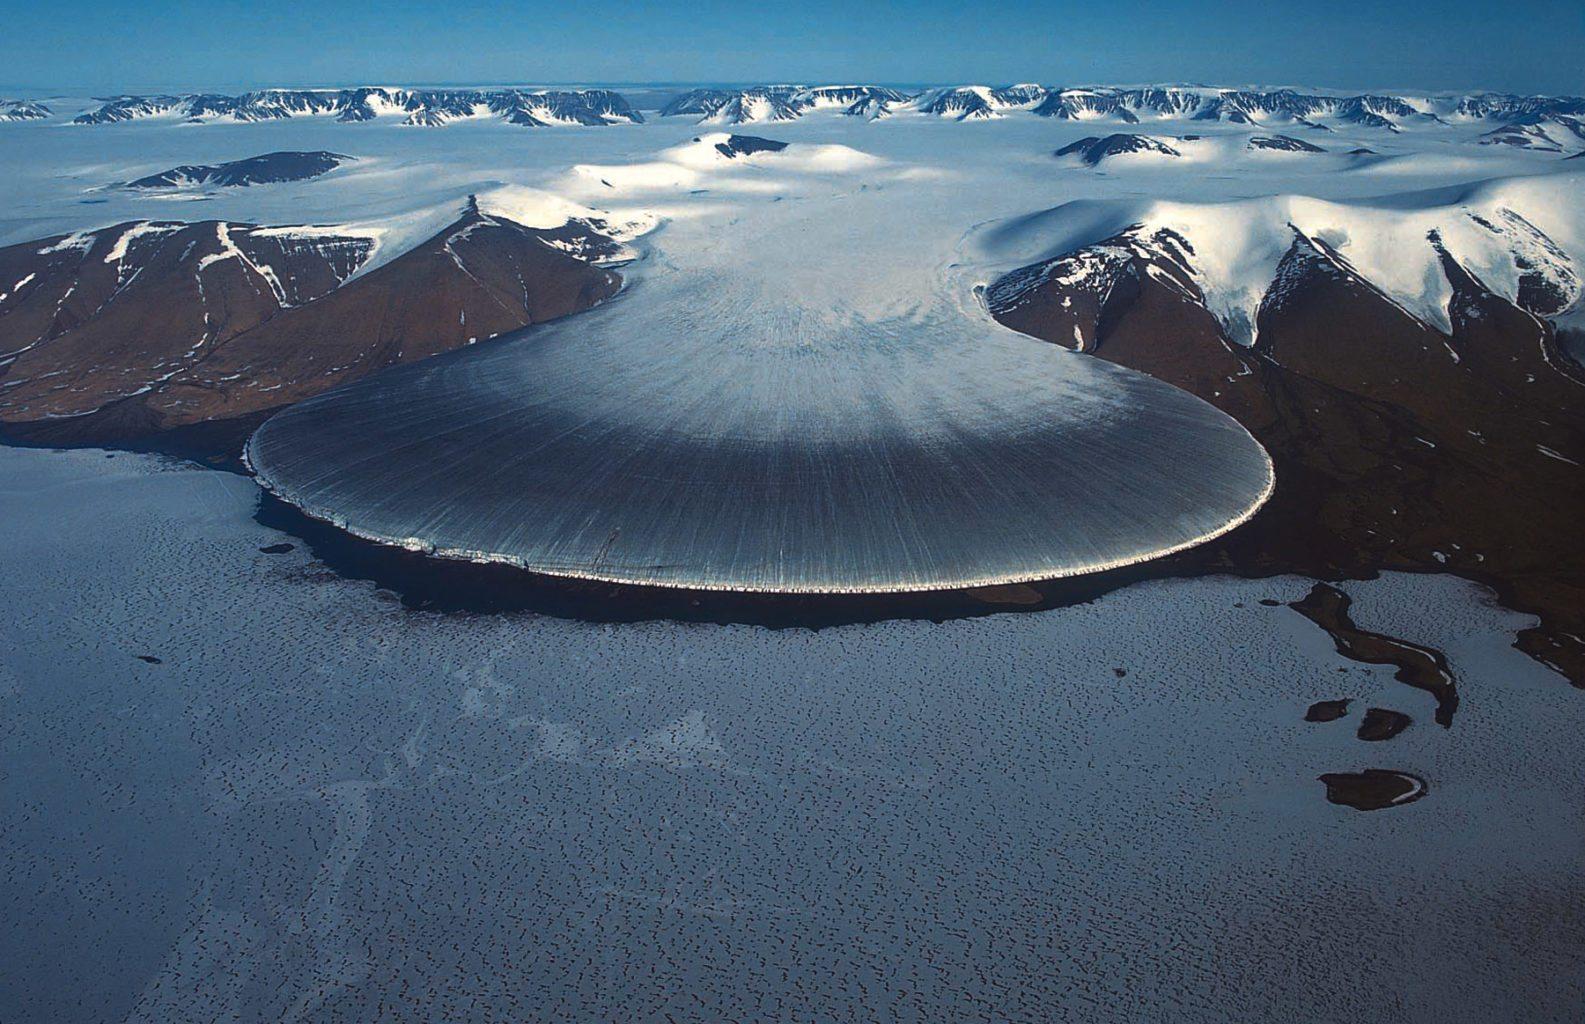 elephant-foot-glacier